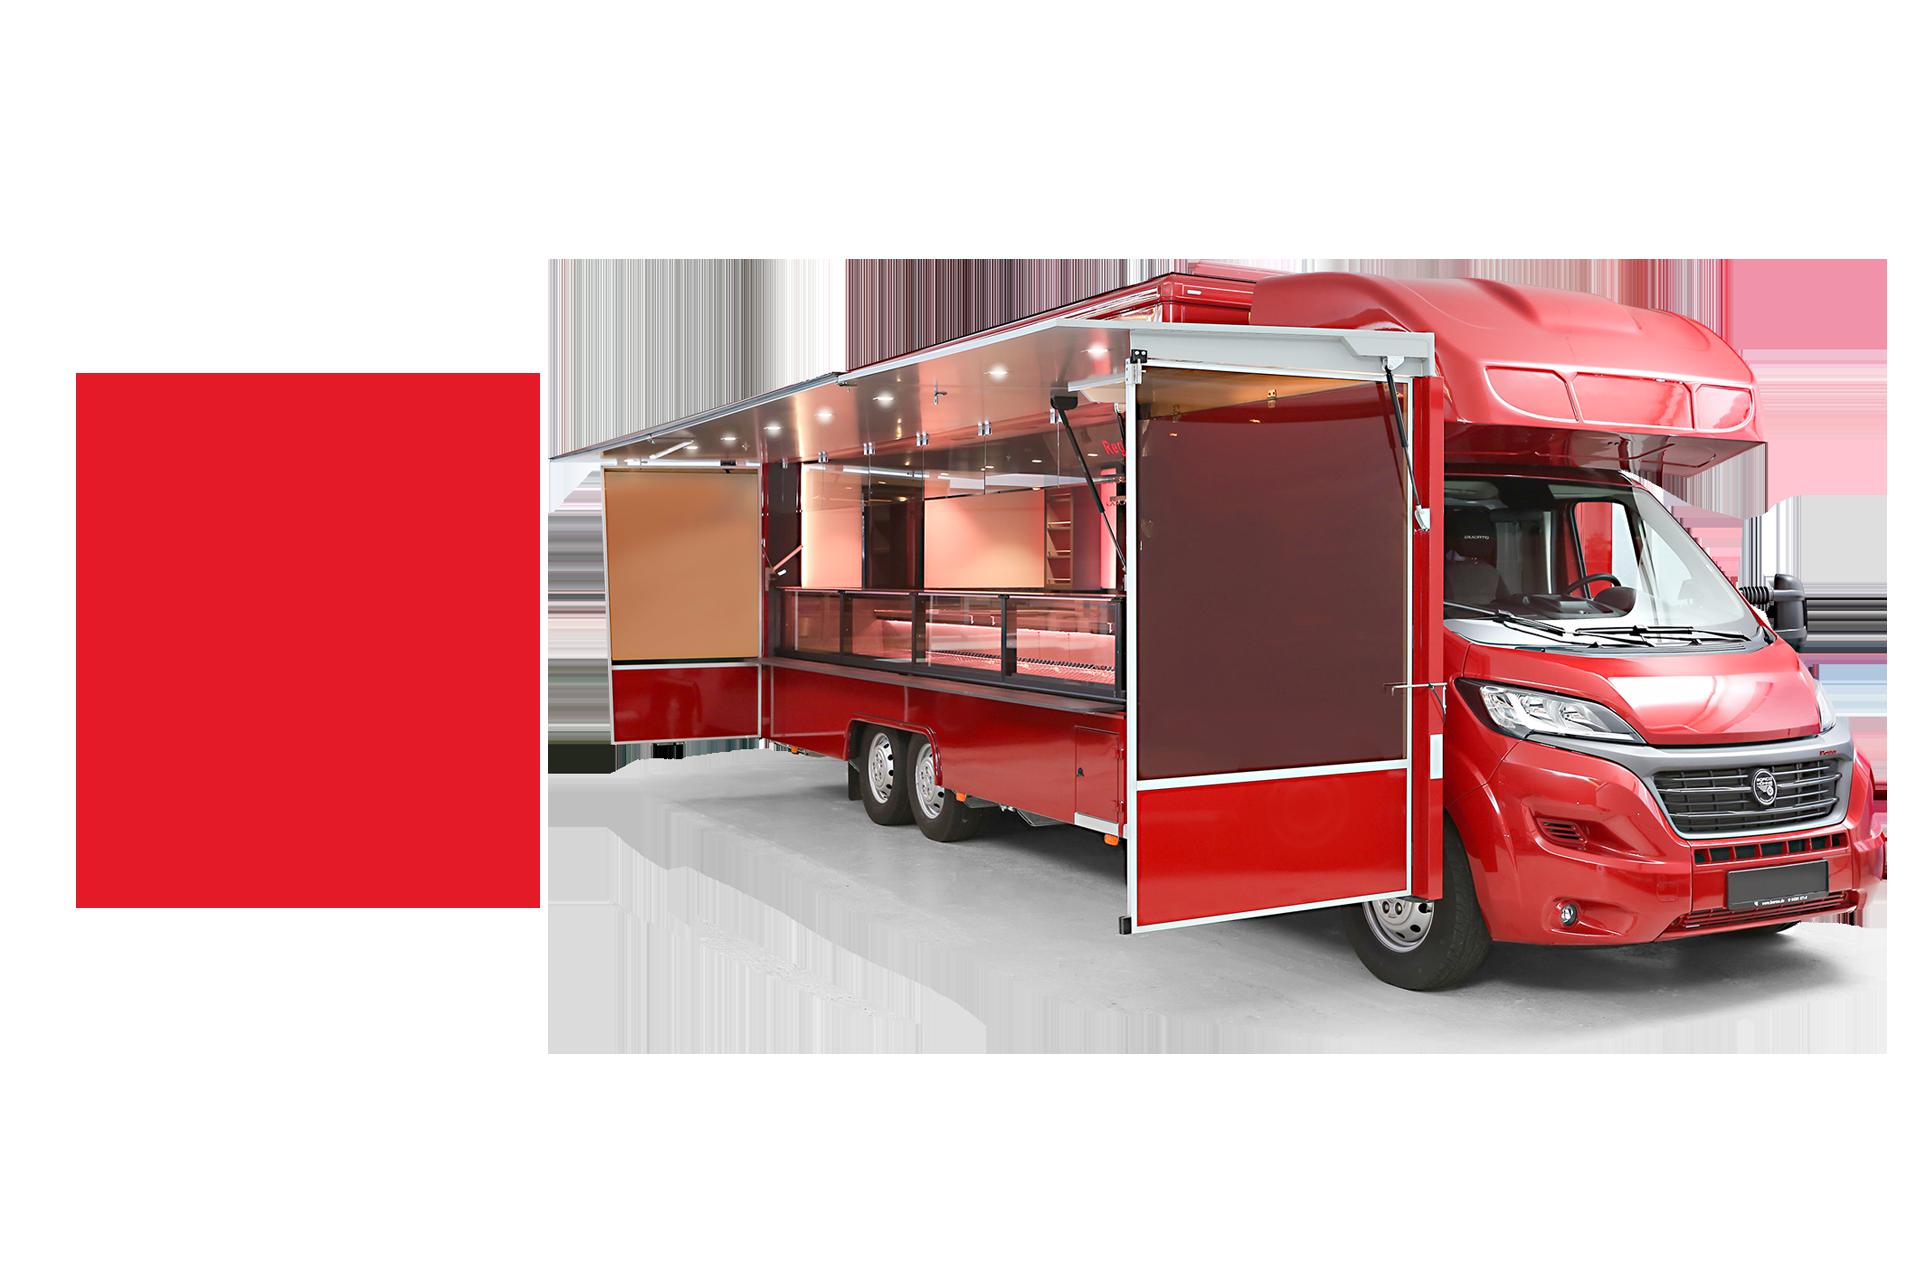 Borco Höhns Verkaufsfahrzeug auf der SÜFFA Messe 2021